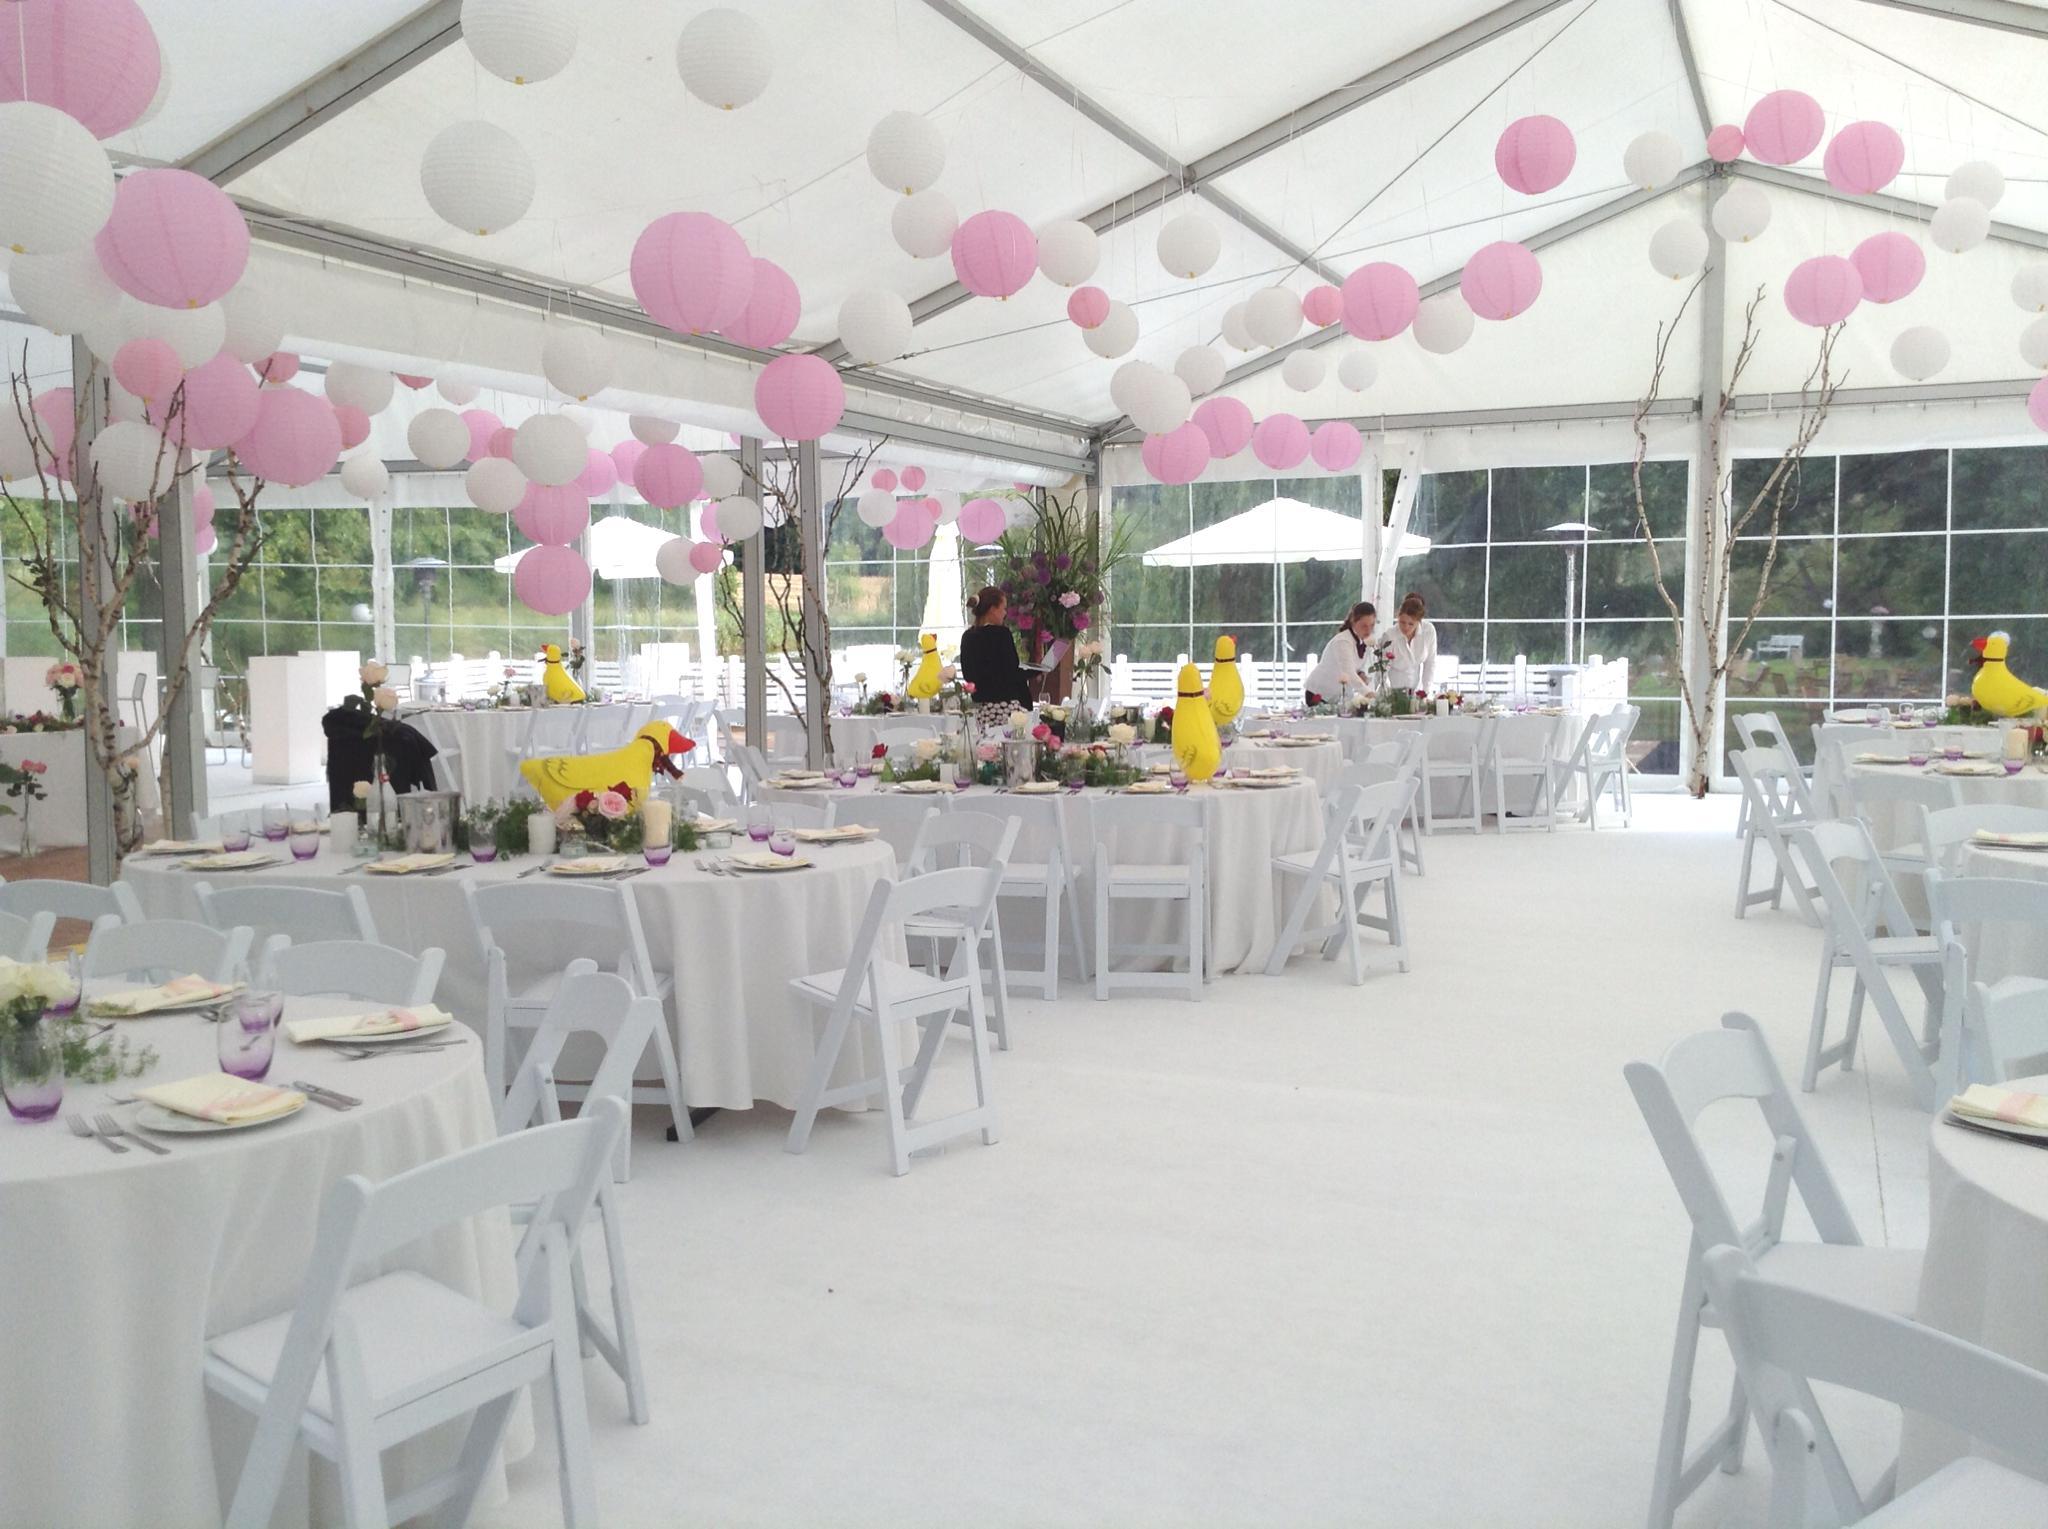 Hochzeit gaby l wel eventmanagement - Zelt deko hochzeit ...